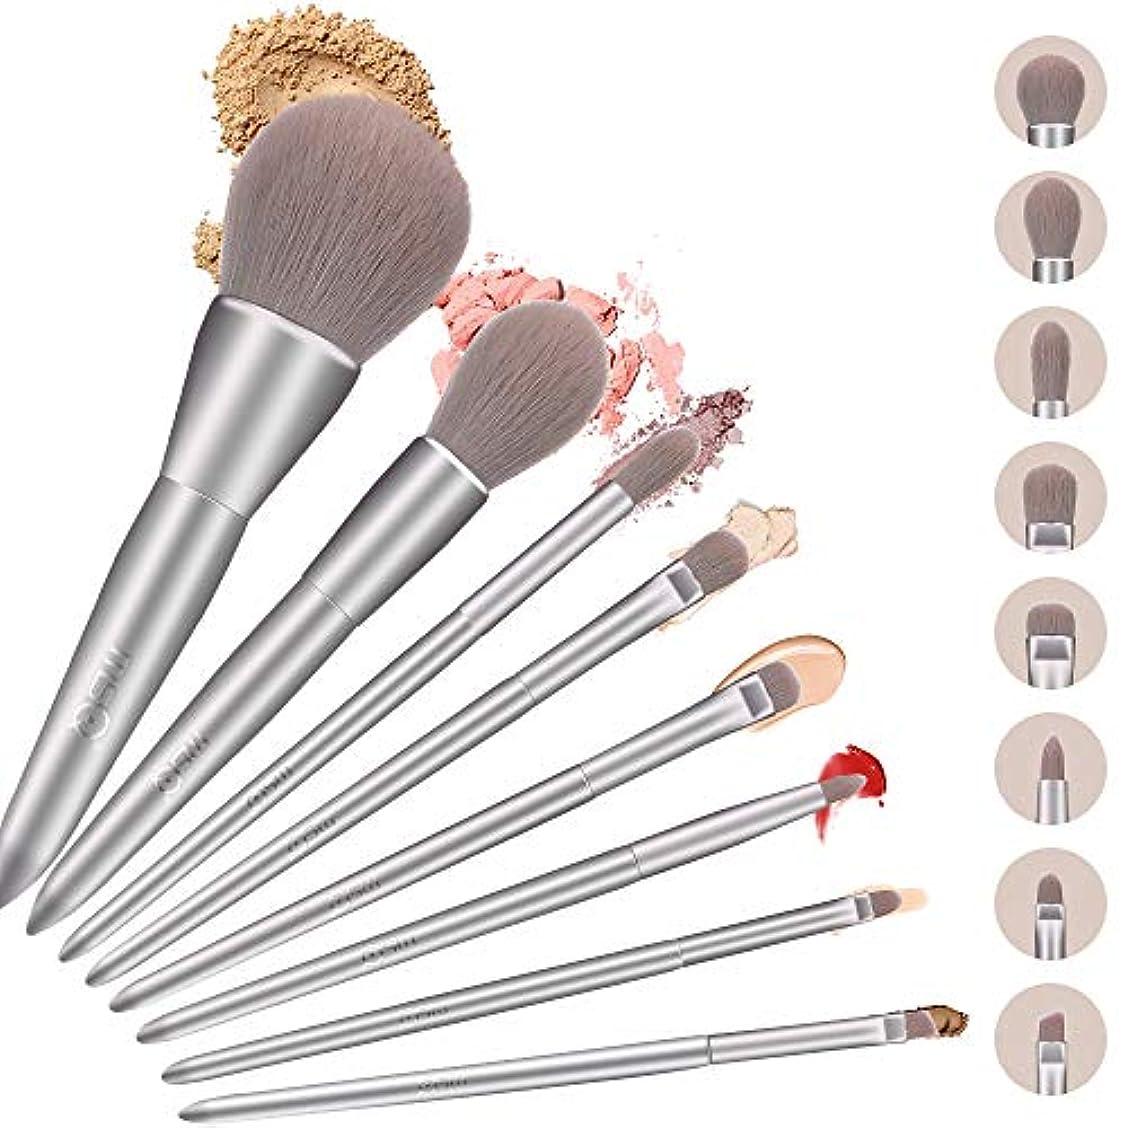 ためらう注釈追放MSQ メイクブラシ 8本セット 誕生日プレゼントゃギフトにもおすすめ 化粧プラシ [ フェイスブラシ パウダ一ブラシ アイシャドウブラシ ] 高級繊維毛 日常の化粧 集まる化粧 (銀, 8本)